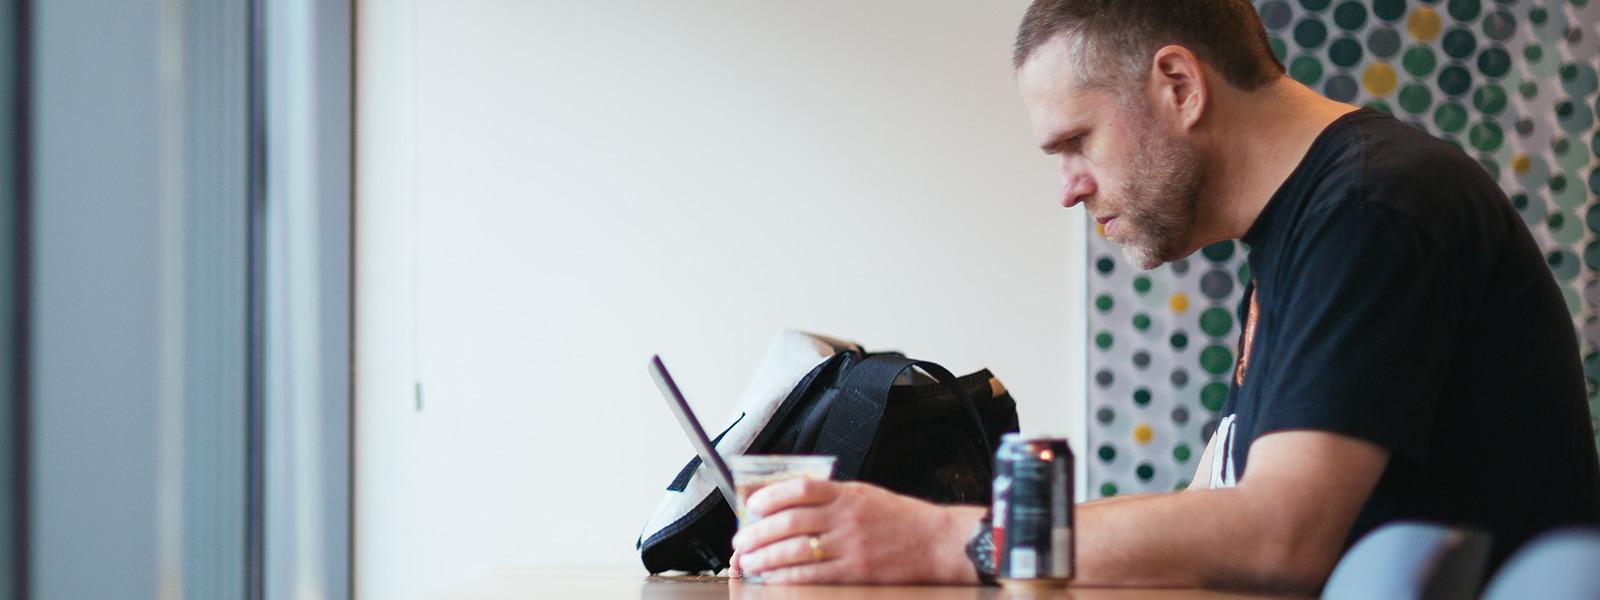 Moški sedi pri mizi in dela z računalnikom s sistemom Windows 10